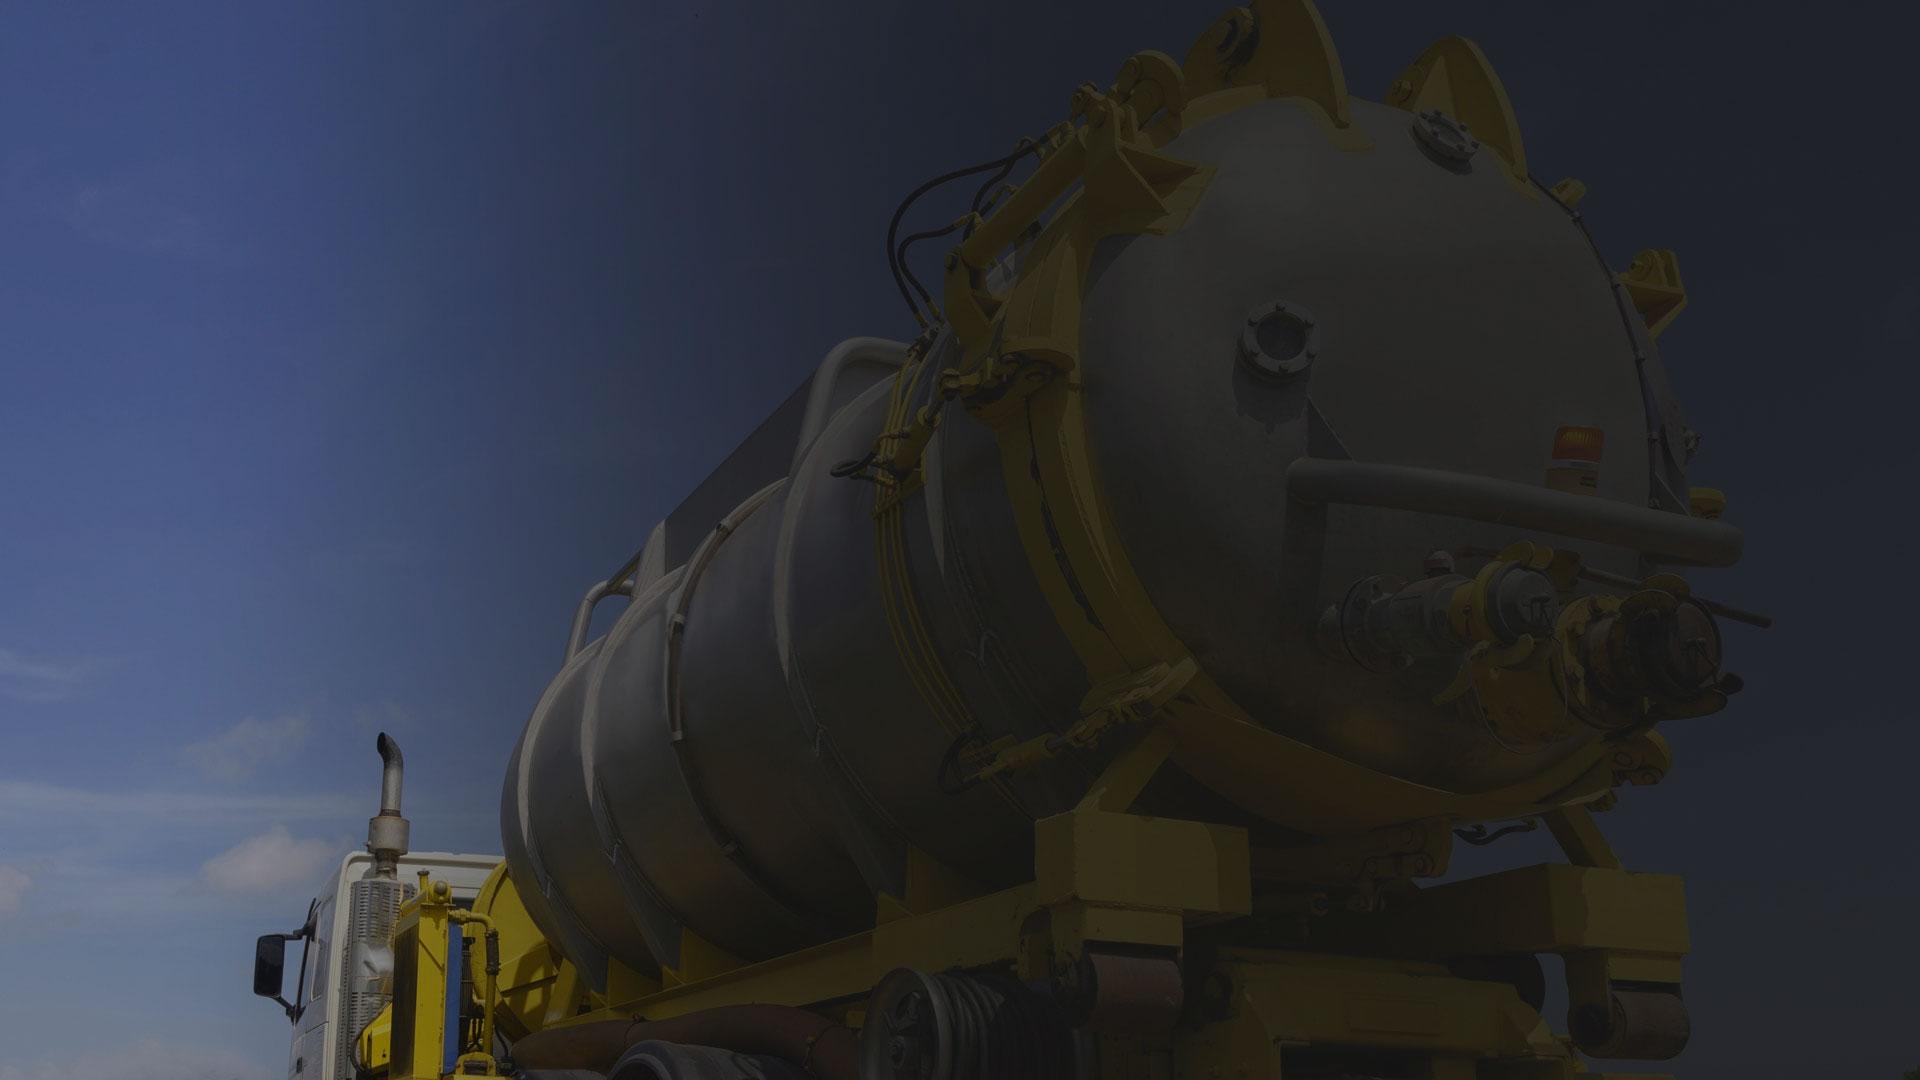 Équipement pétrolier